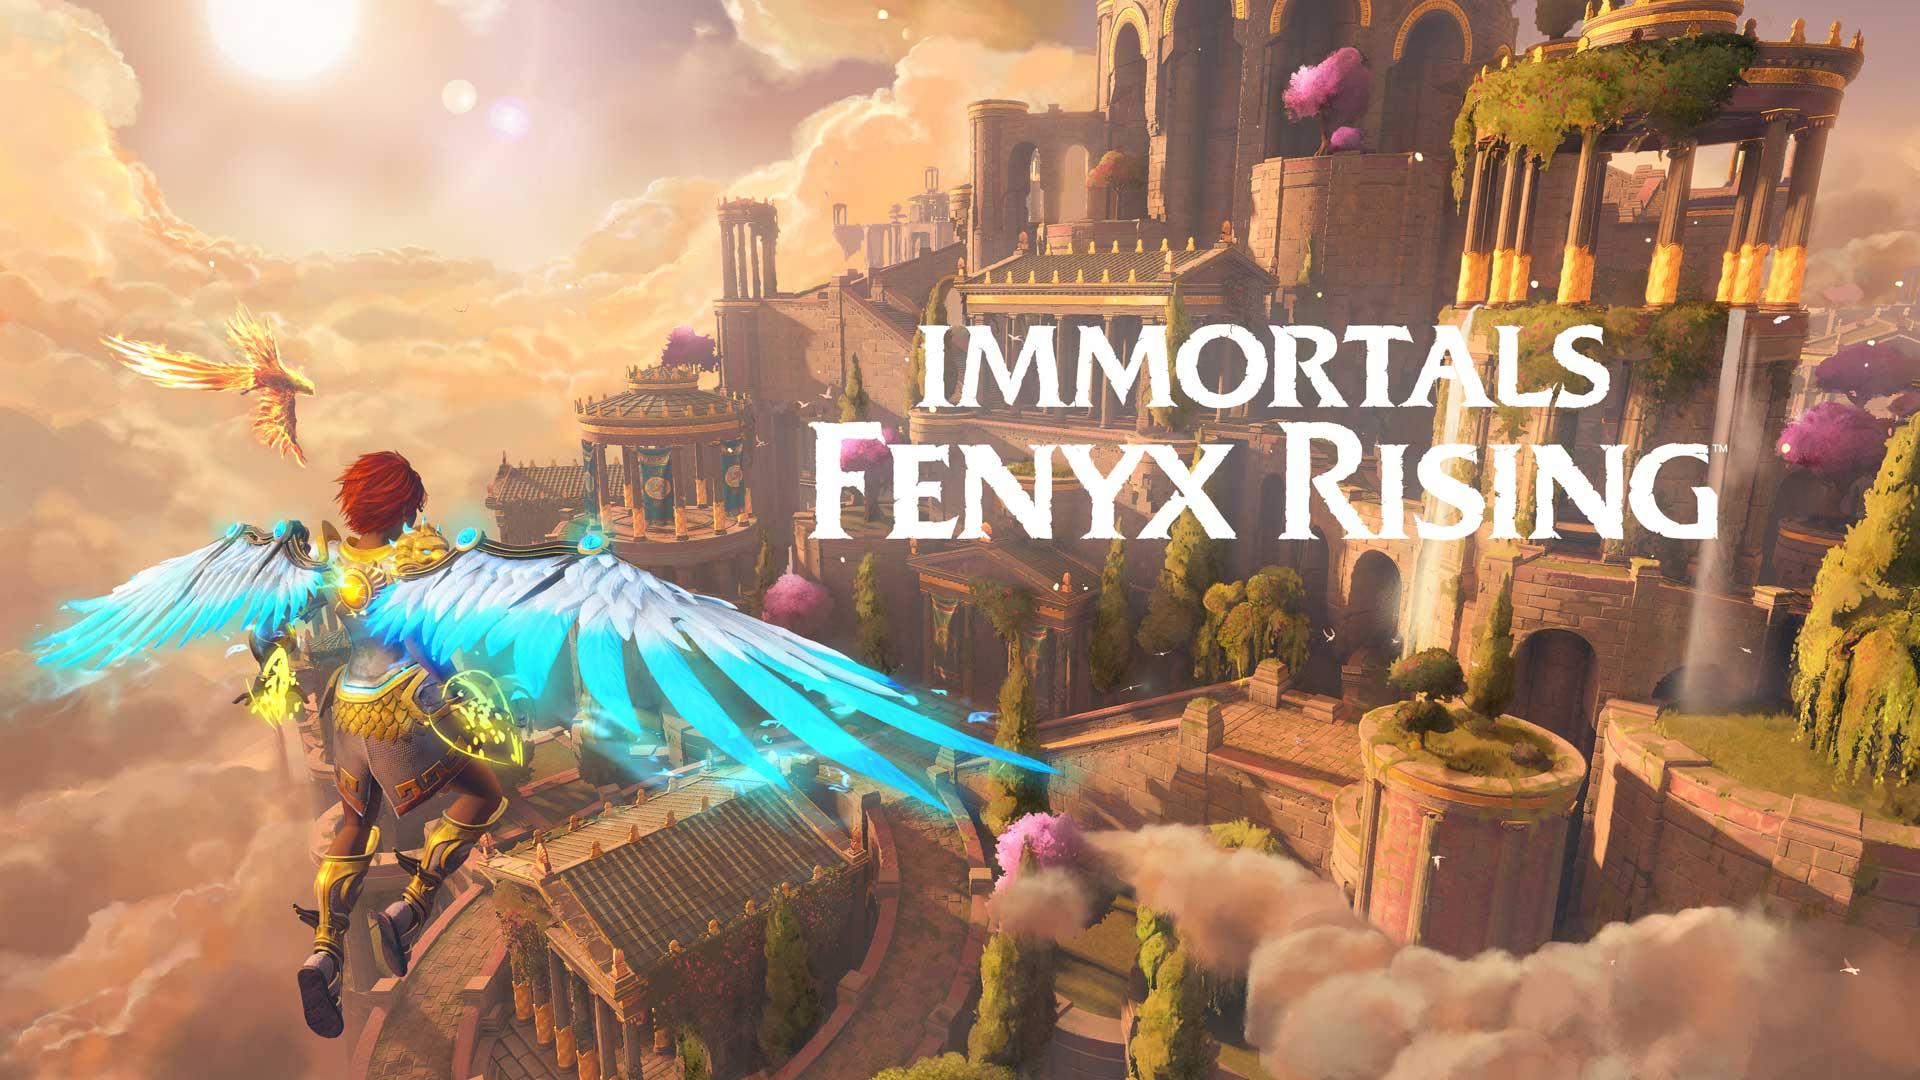 immortals fenyx rising cover 2